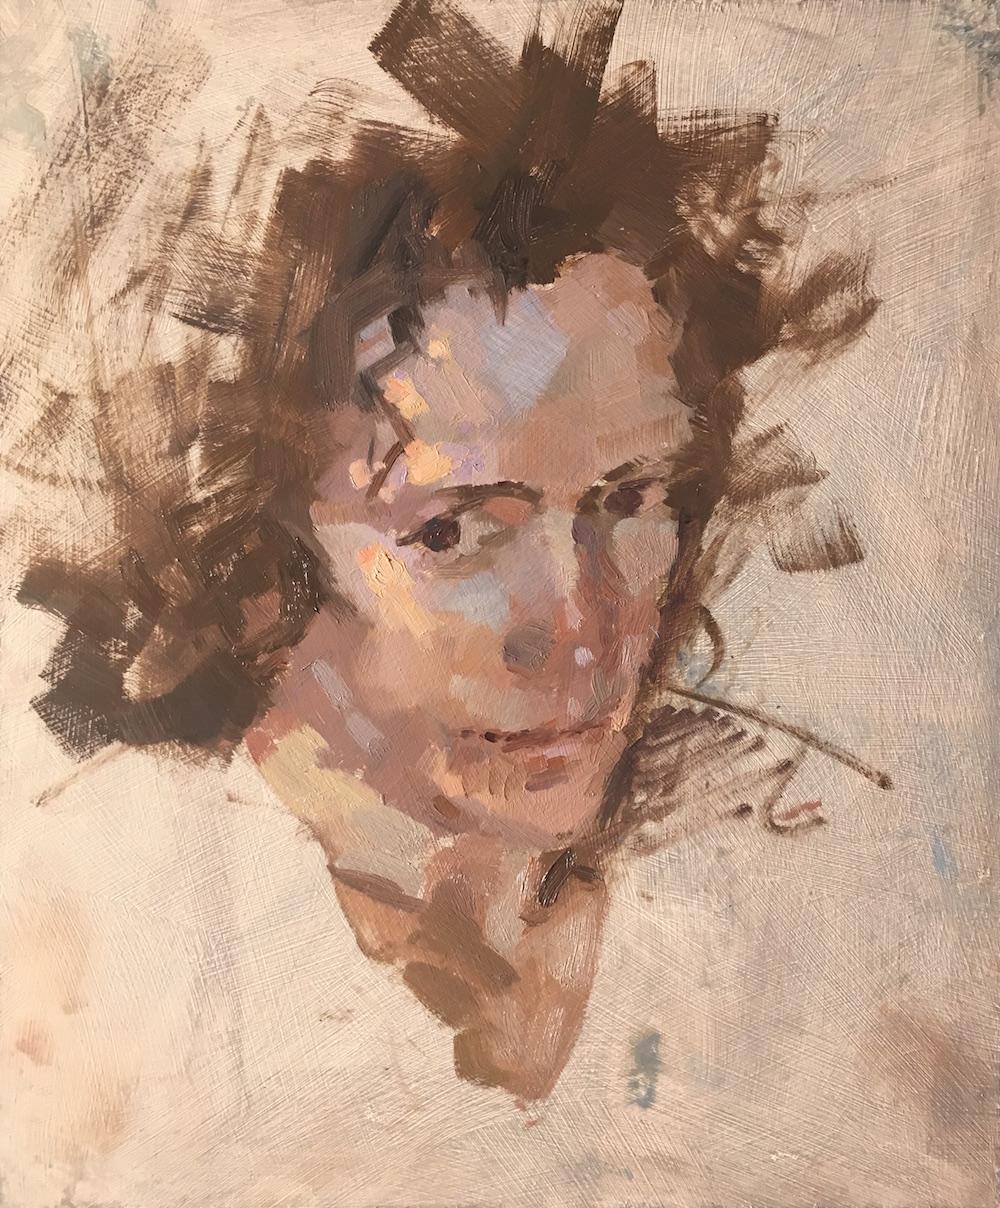 Kitty Benjamin Hope Oil on board, 25 x 30 cm, 2017